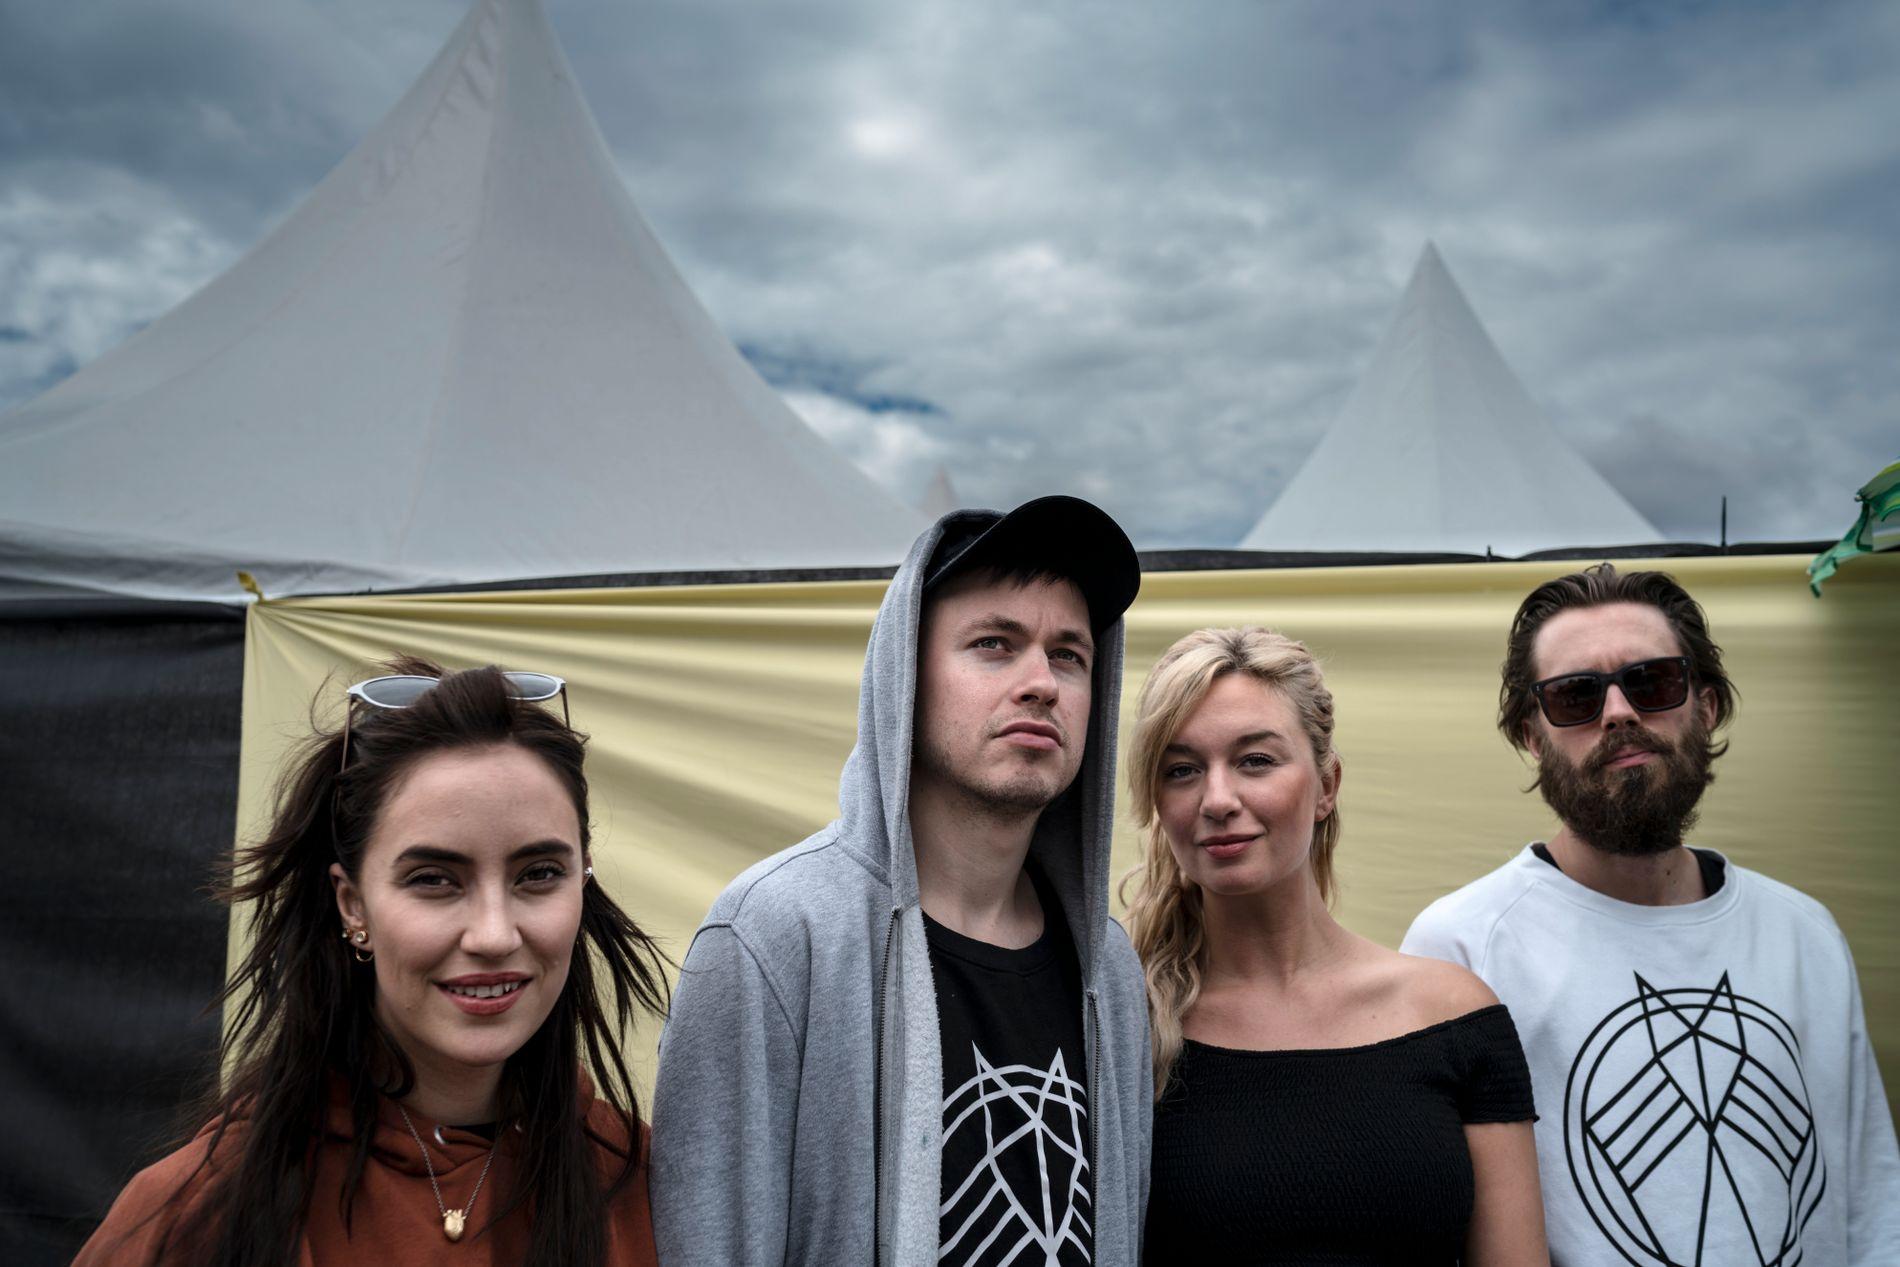 FØR BRÅKET: Highasakite backstage på Øyafestivalen august 2016. Fra venstre: Ingrid Helene Håvik, Trond Bersu, Marte Eberson og Kristoffer Lo. (Øystein Skar var ikke tilstede da bildet ble tatt.)